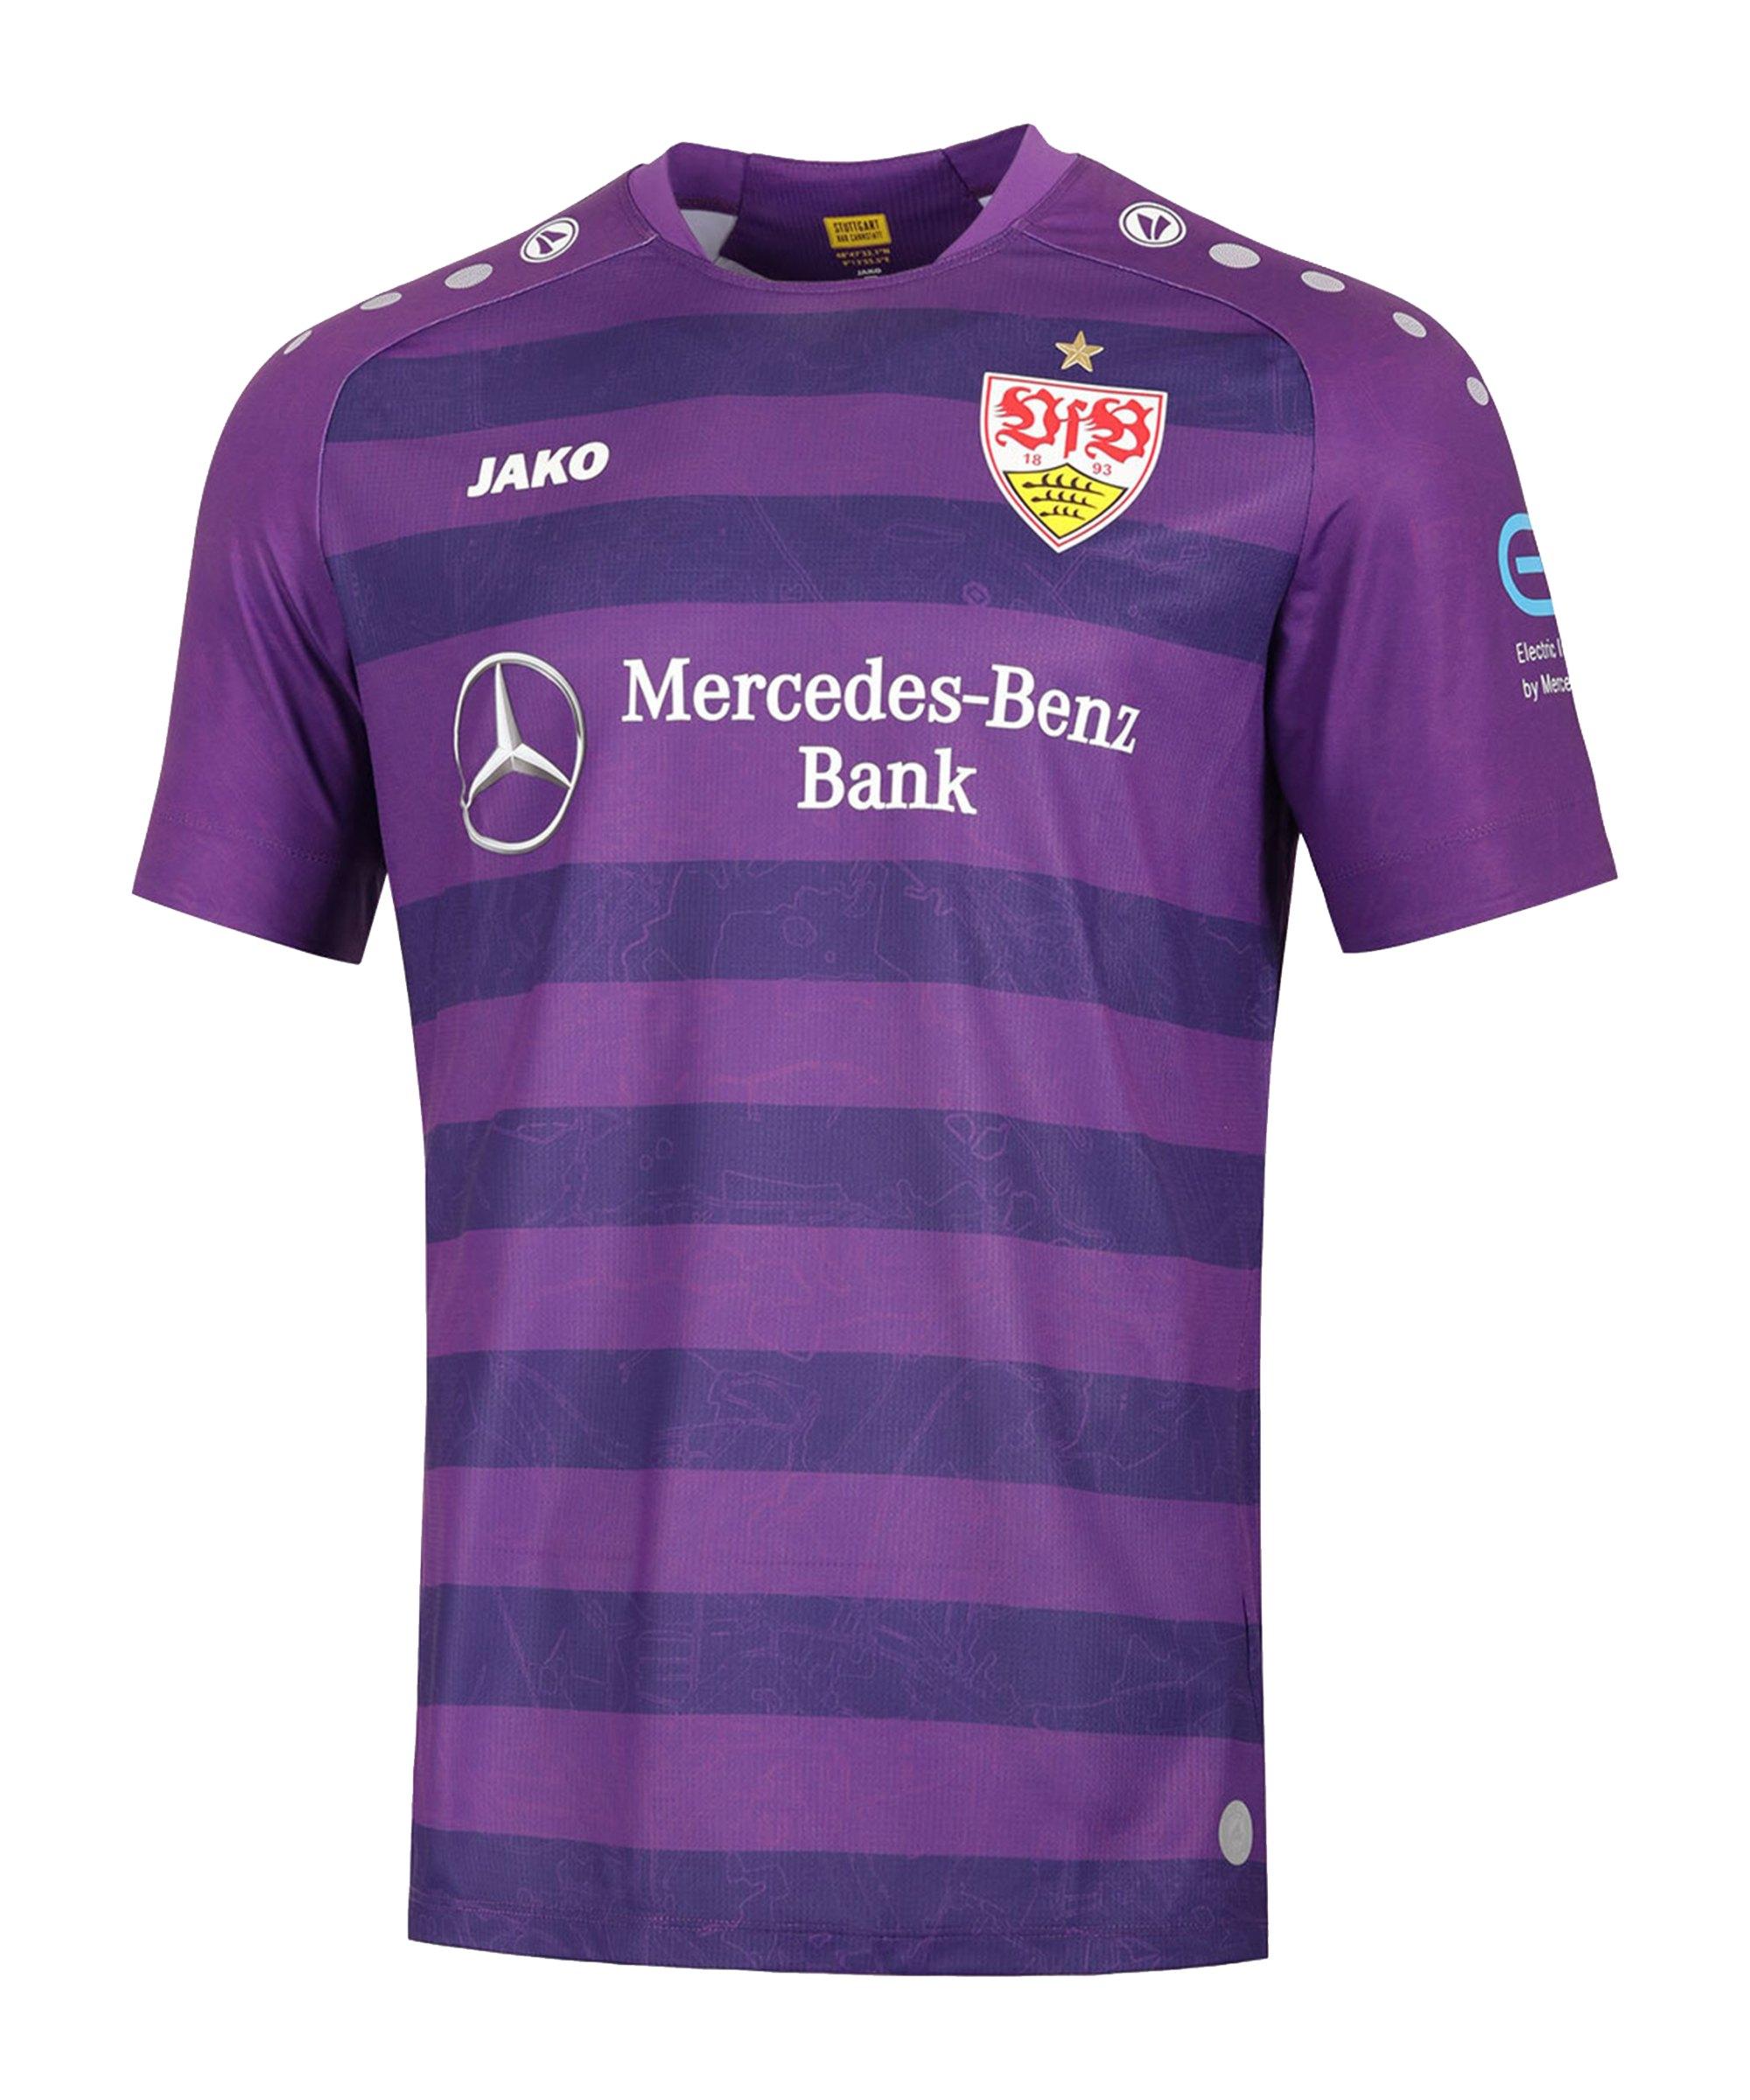 JAKO VfB Stuttgart Torwarttrikot Away 2020/2021 Lila F10 - lila